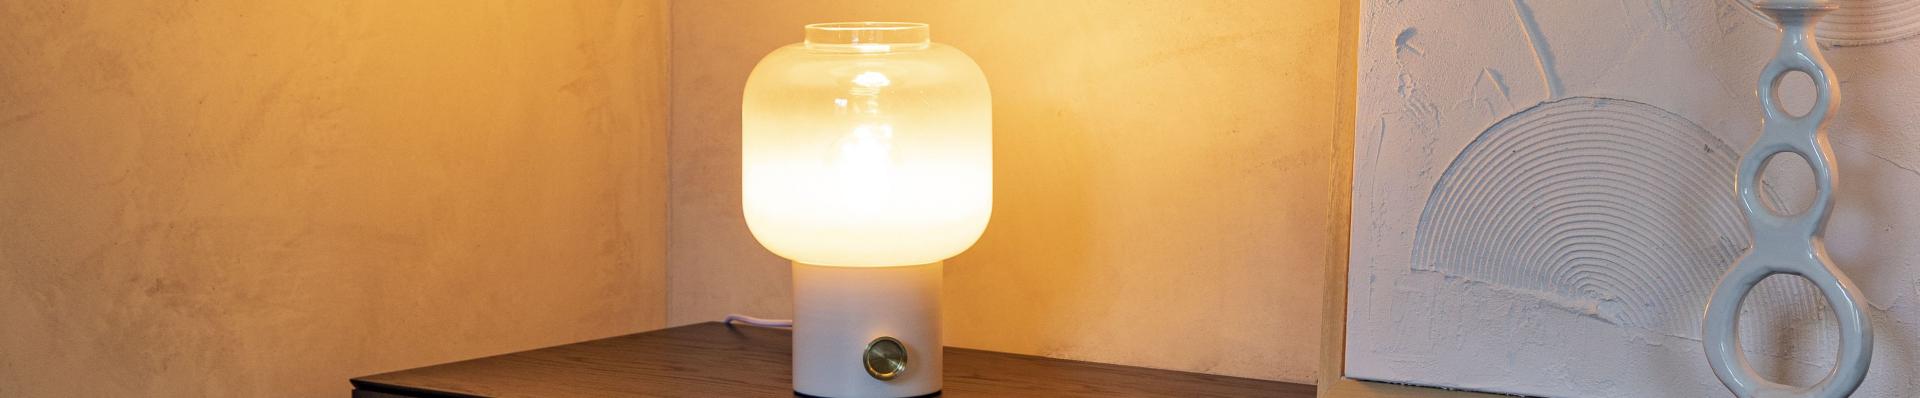 Zuiver tafellampen